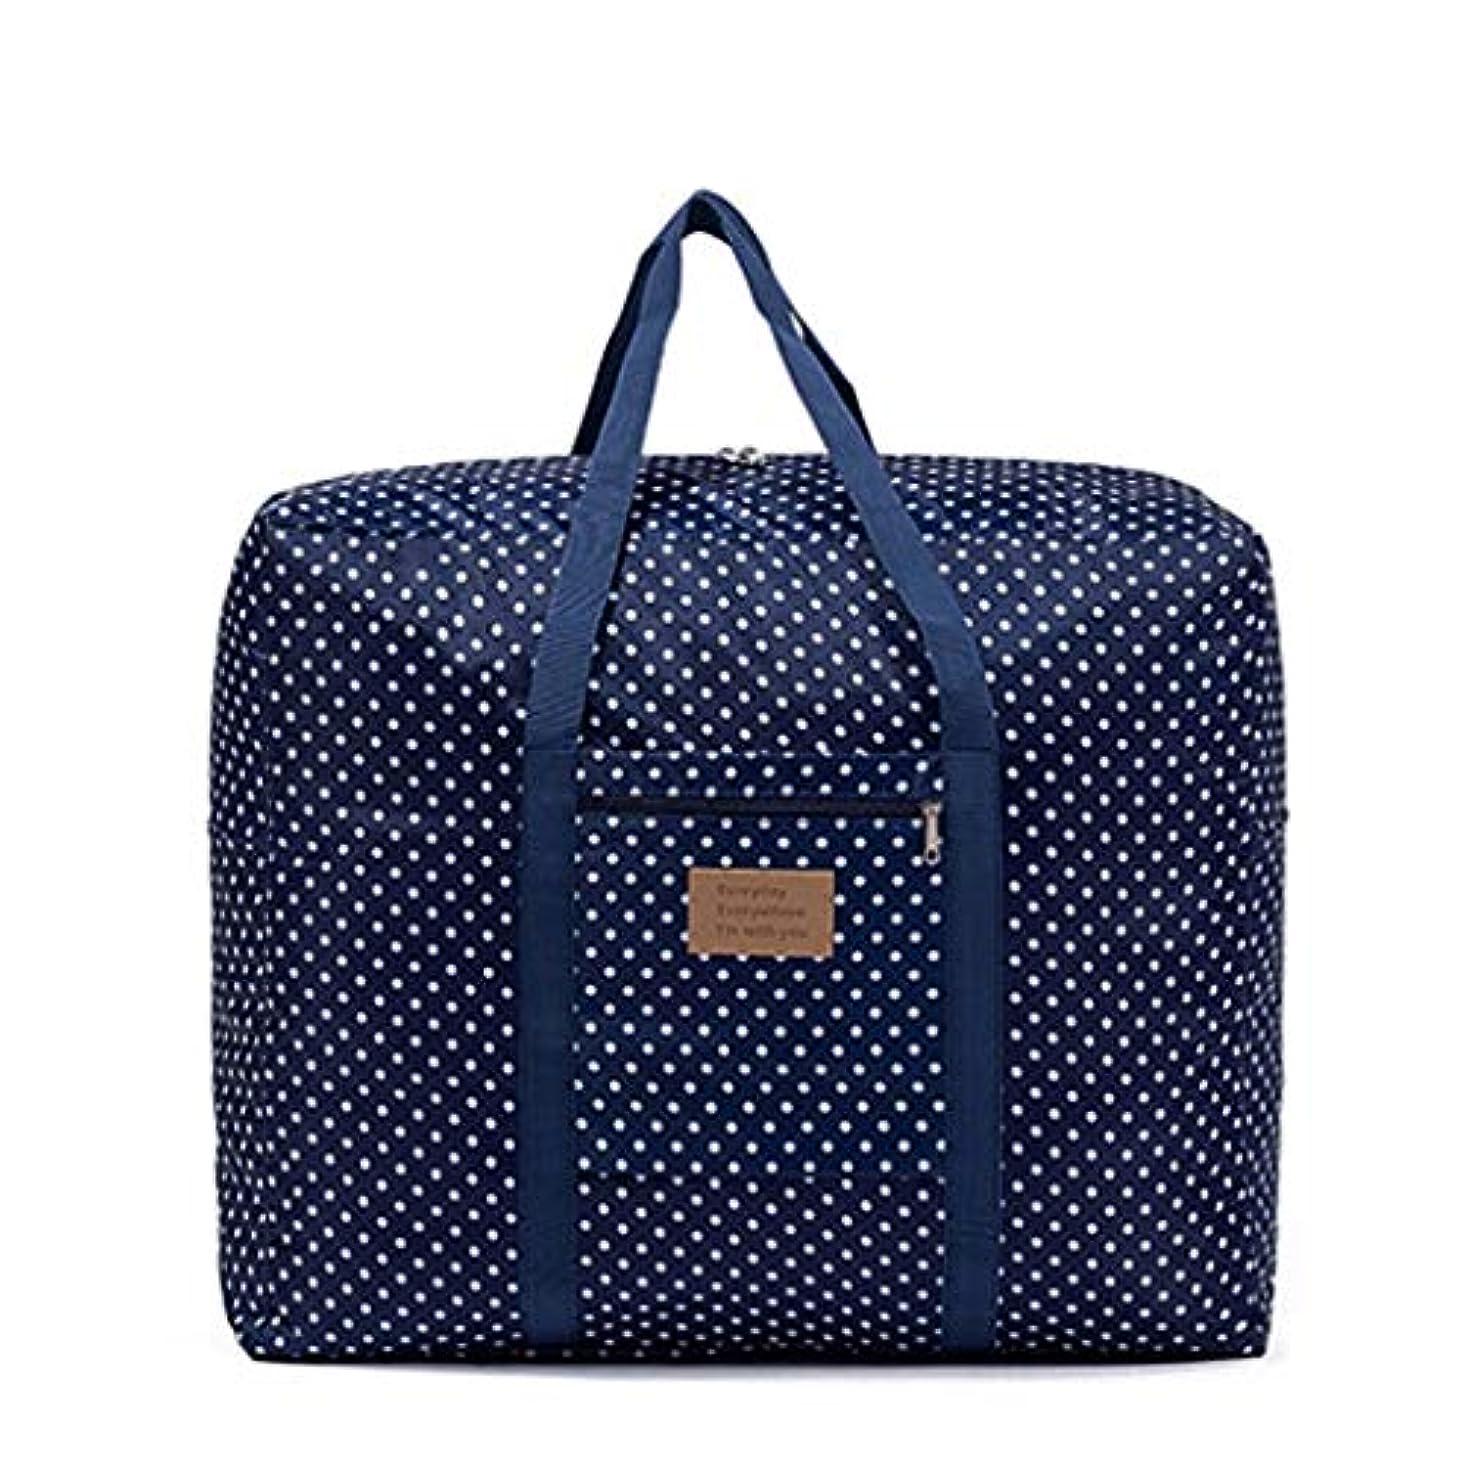 失業者便宜シャツ防湿キルト収納袋衣類分類袋家庭用収納包装袋荷物パッケージ大収納袋折りたたみ収納袋 (色 : 濃紺, サイズ さいず : Medium: 43x33x18cm)